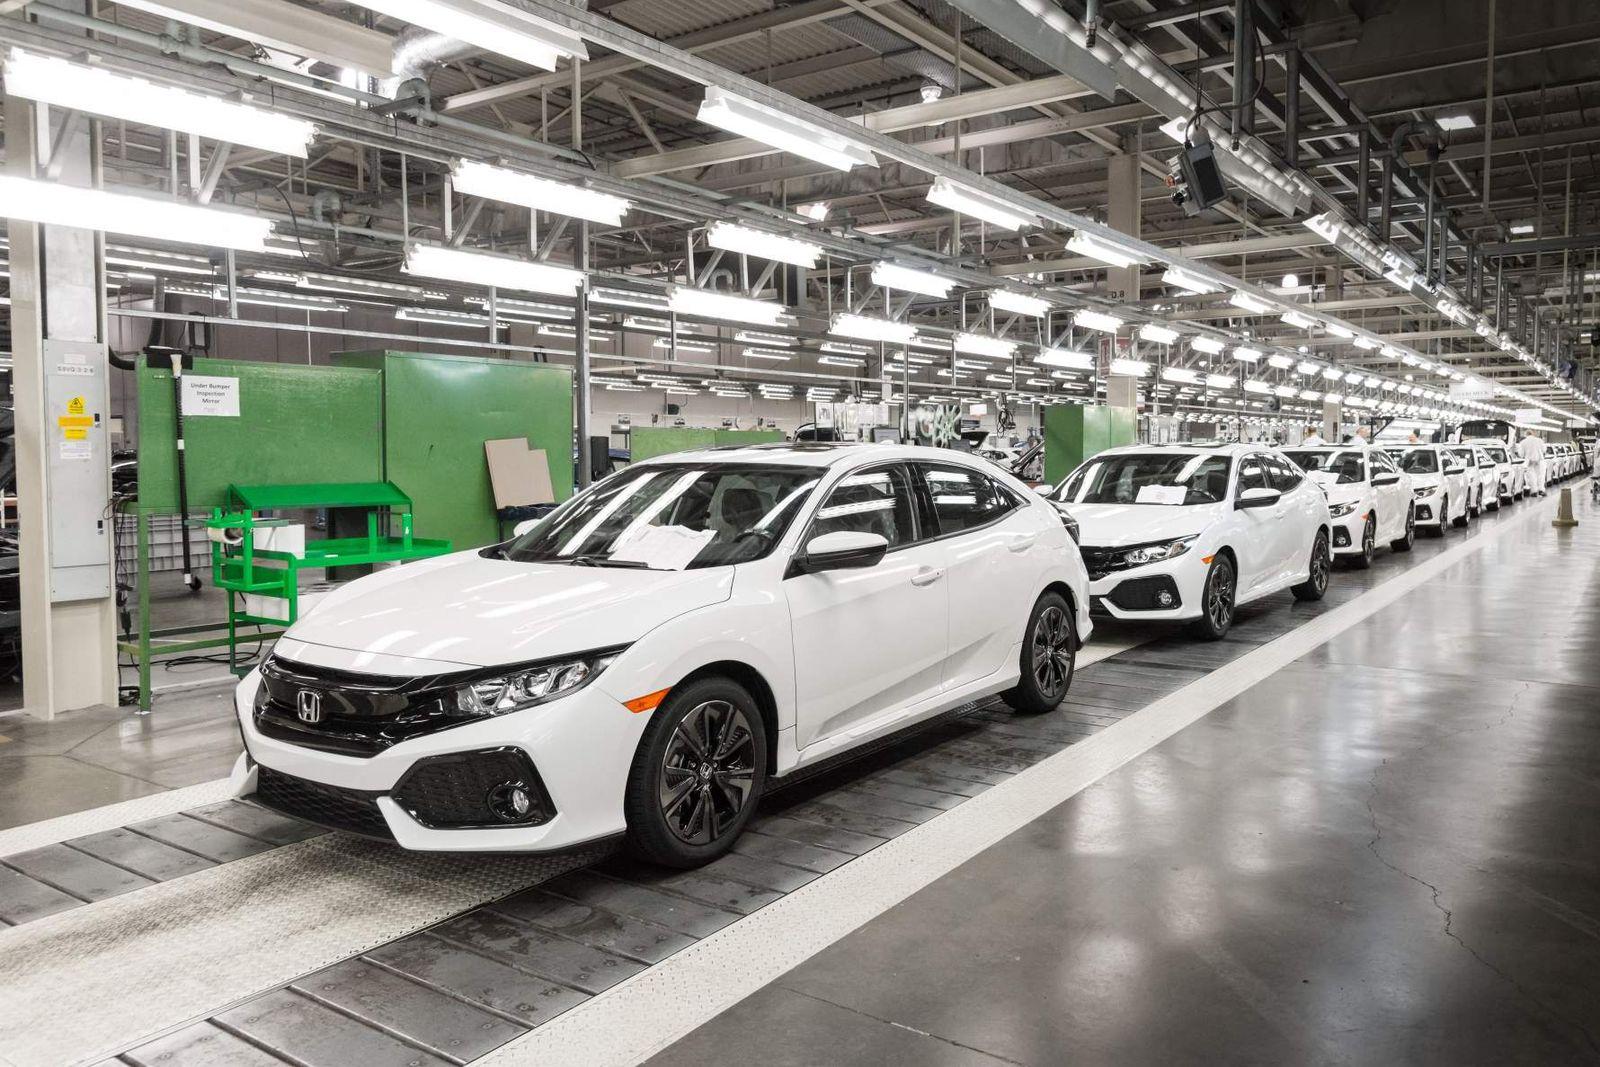 Хонда закроет крупный автомобильный завод вСоединенном Королевстве Великобритании